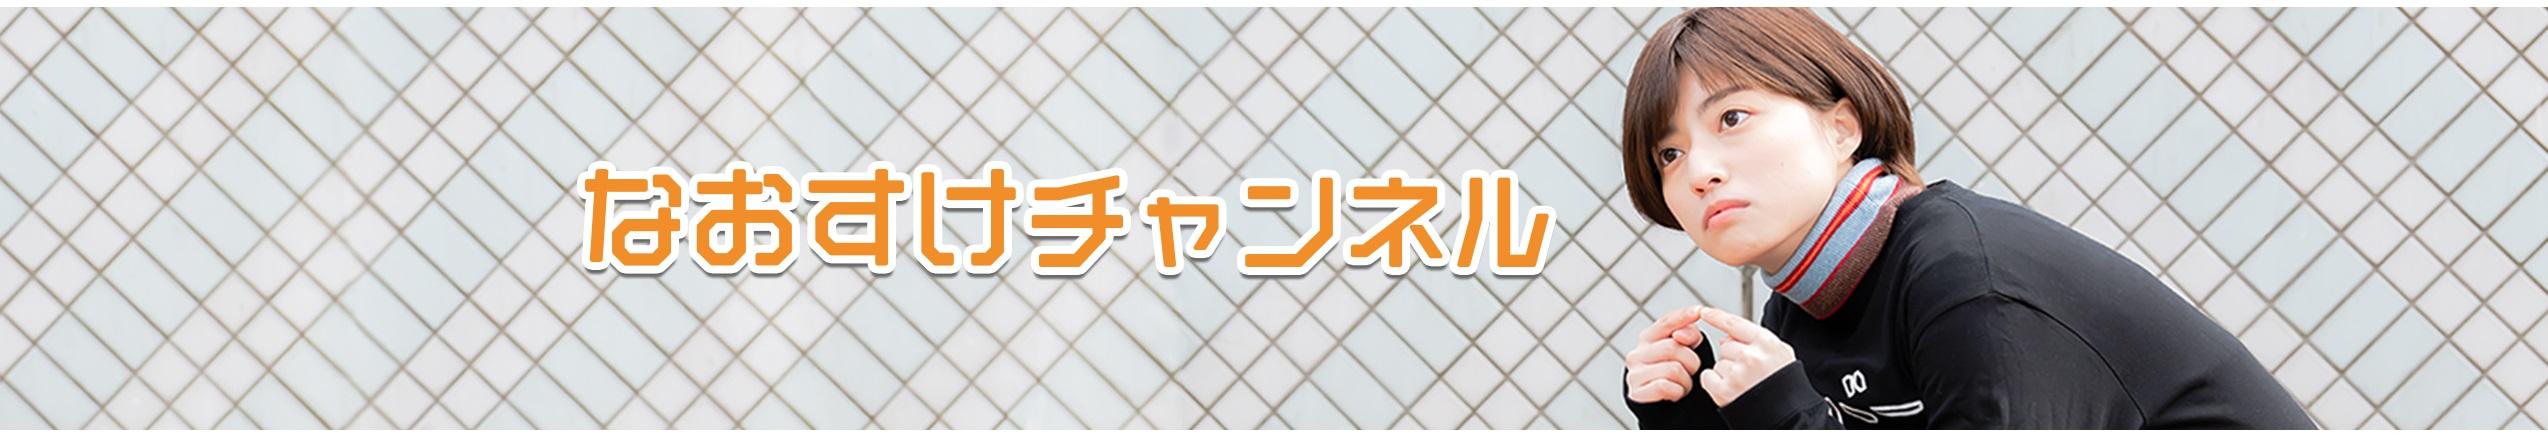 【なおすけチャンネル】